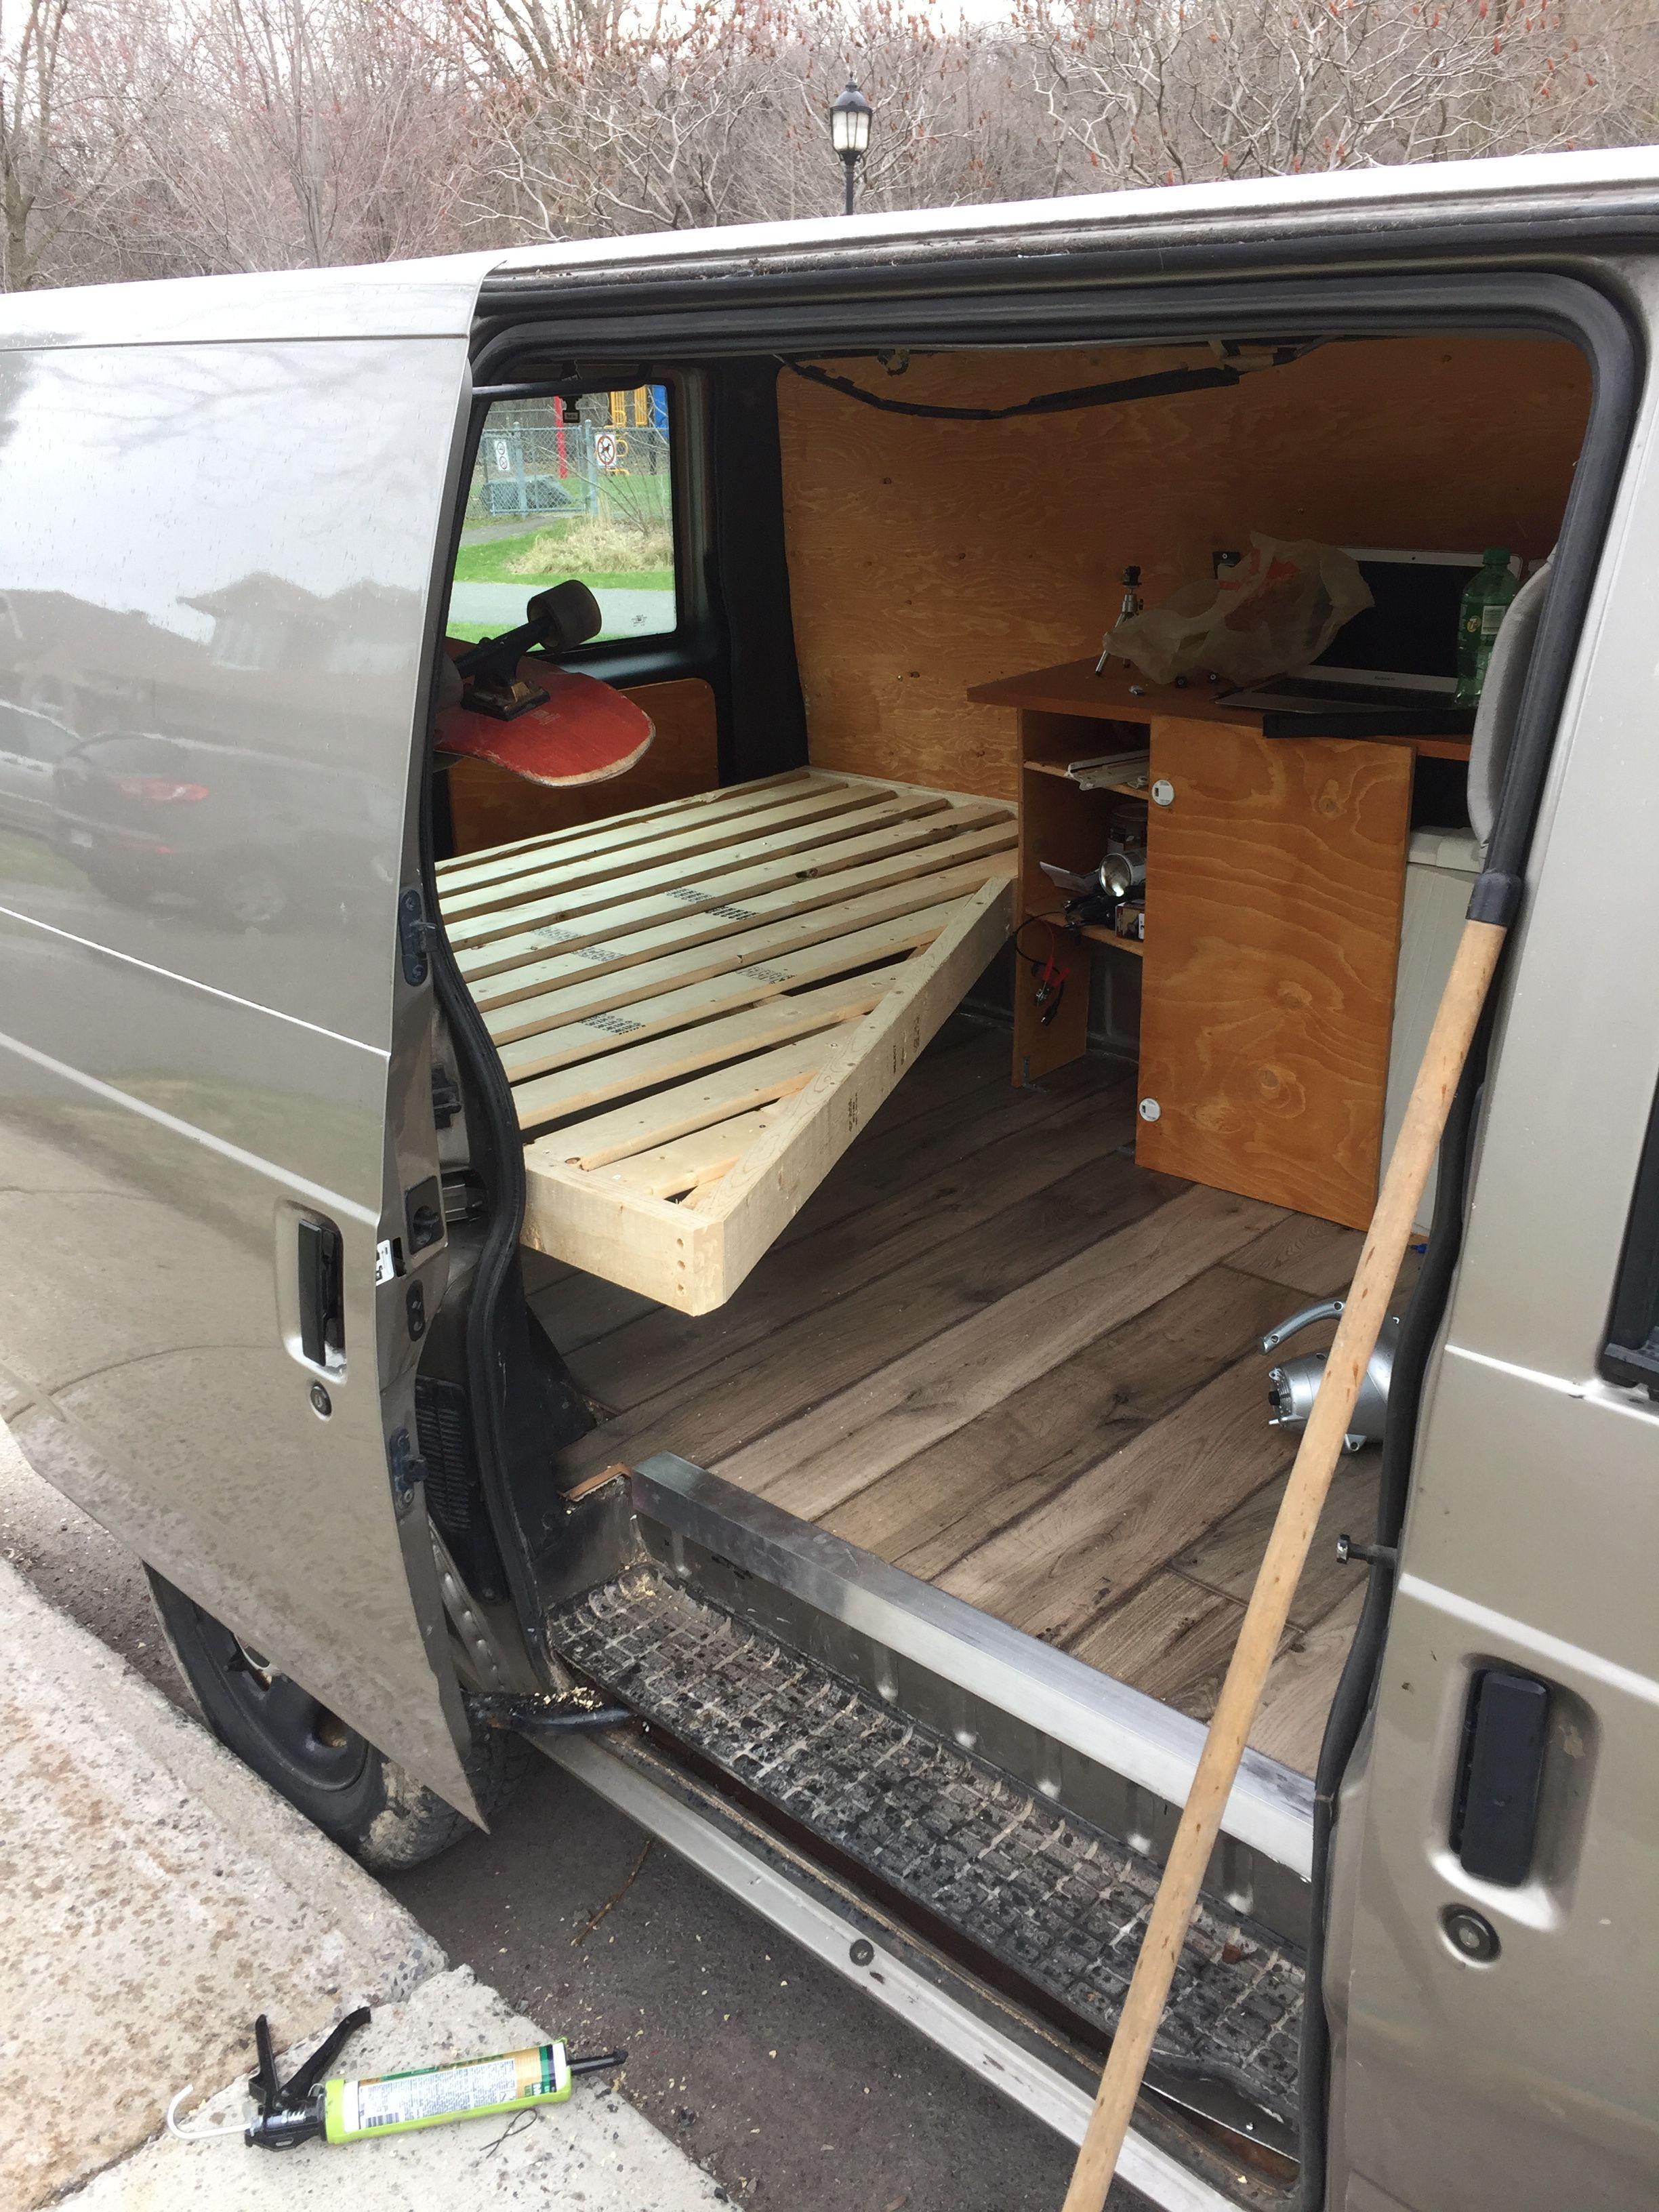 Related Image Astro Van Small Camper Vans Van Storage